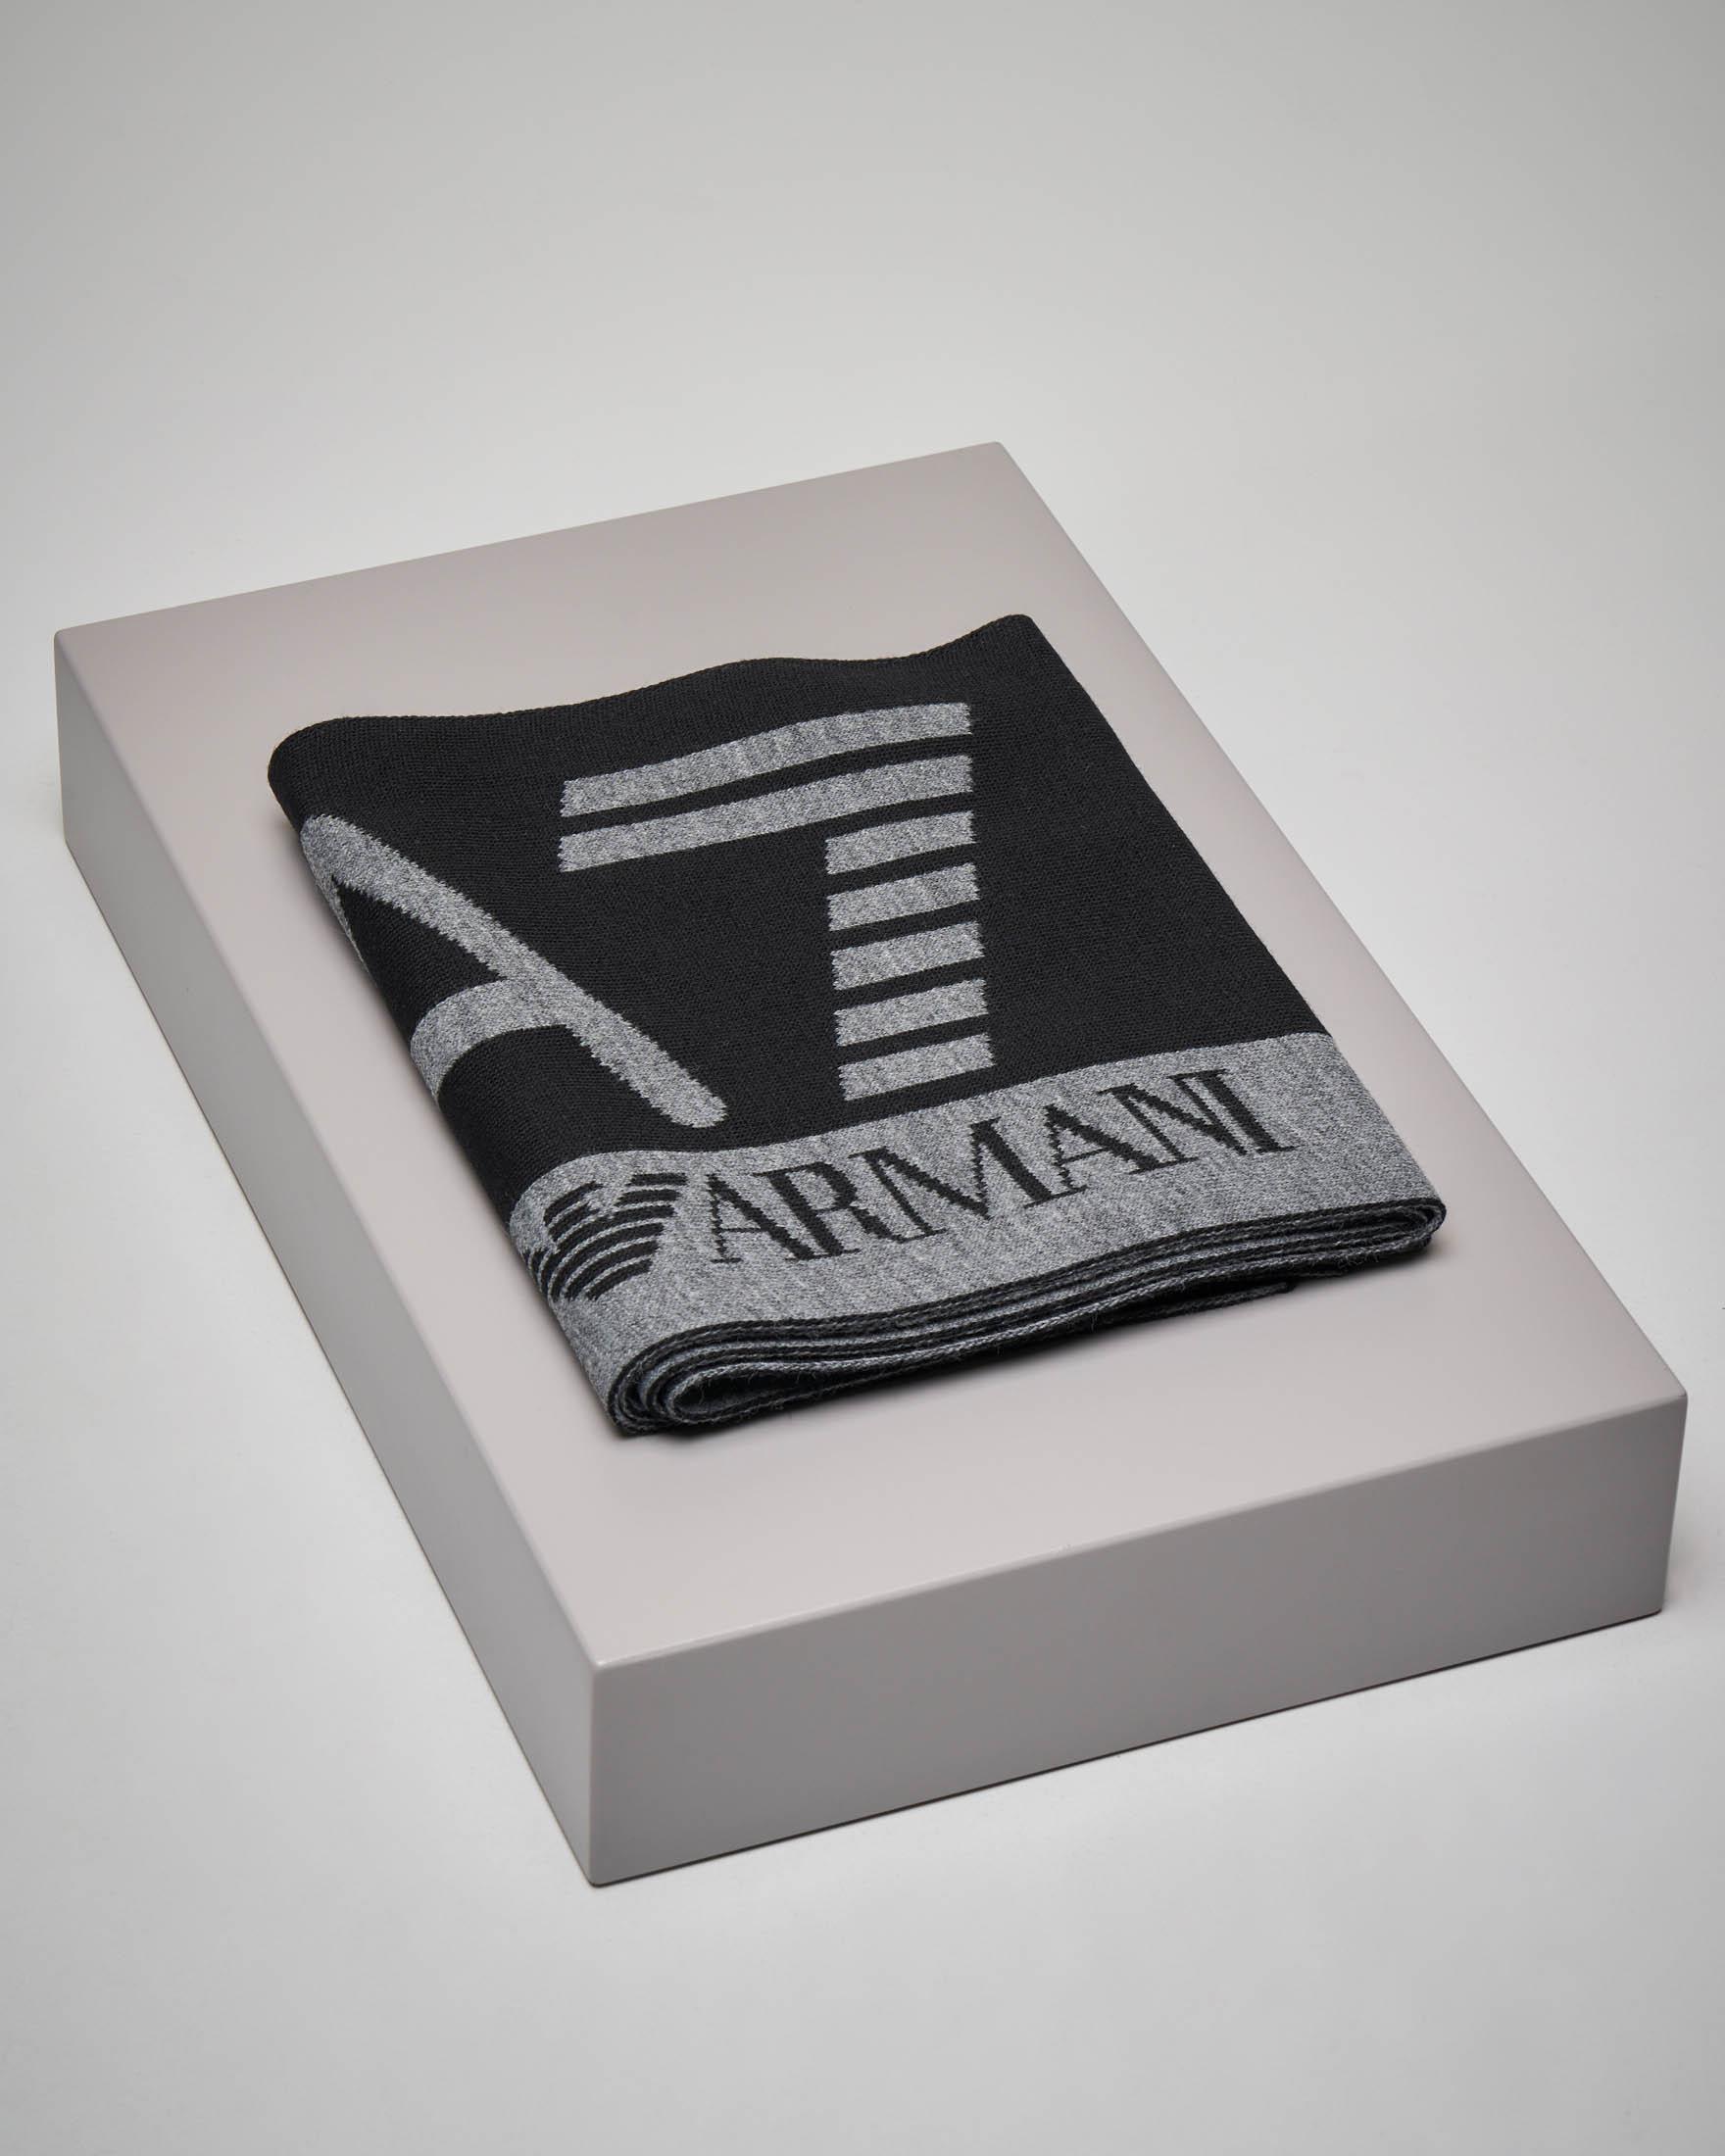 Sciarpa nera con logo grigio